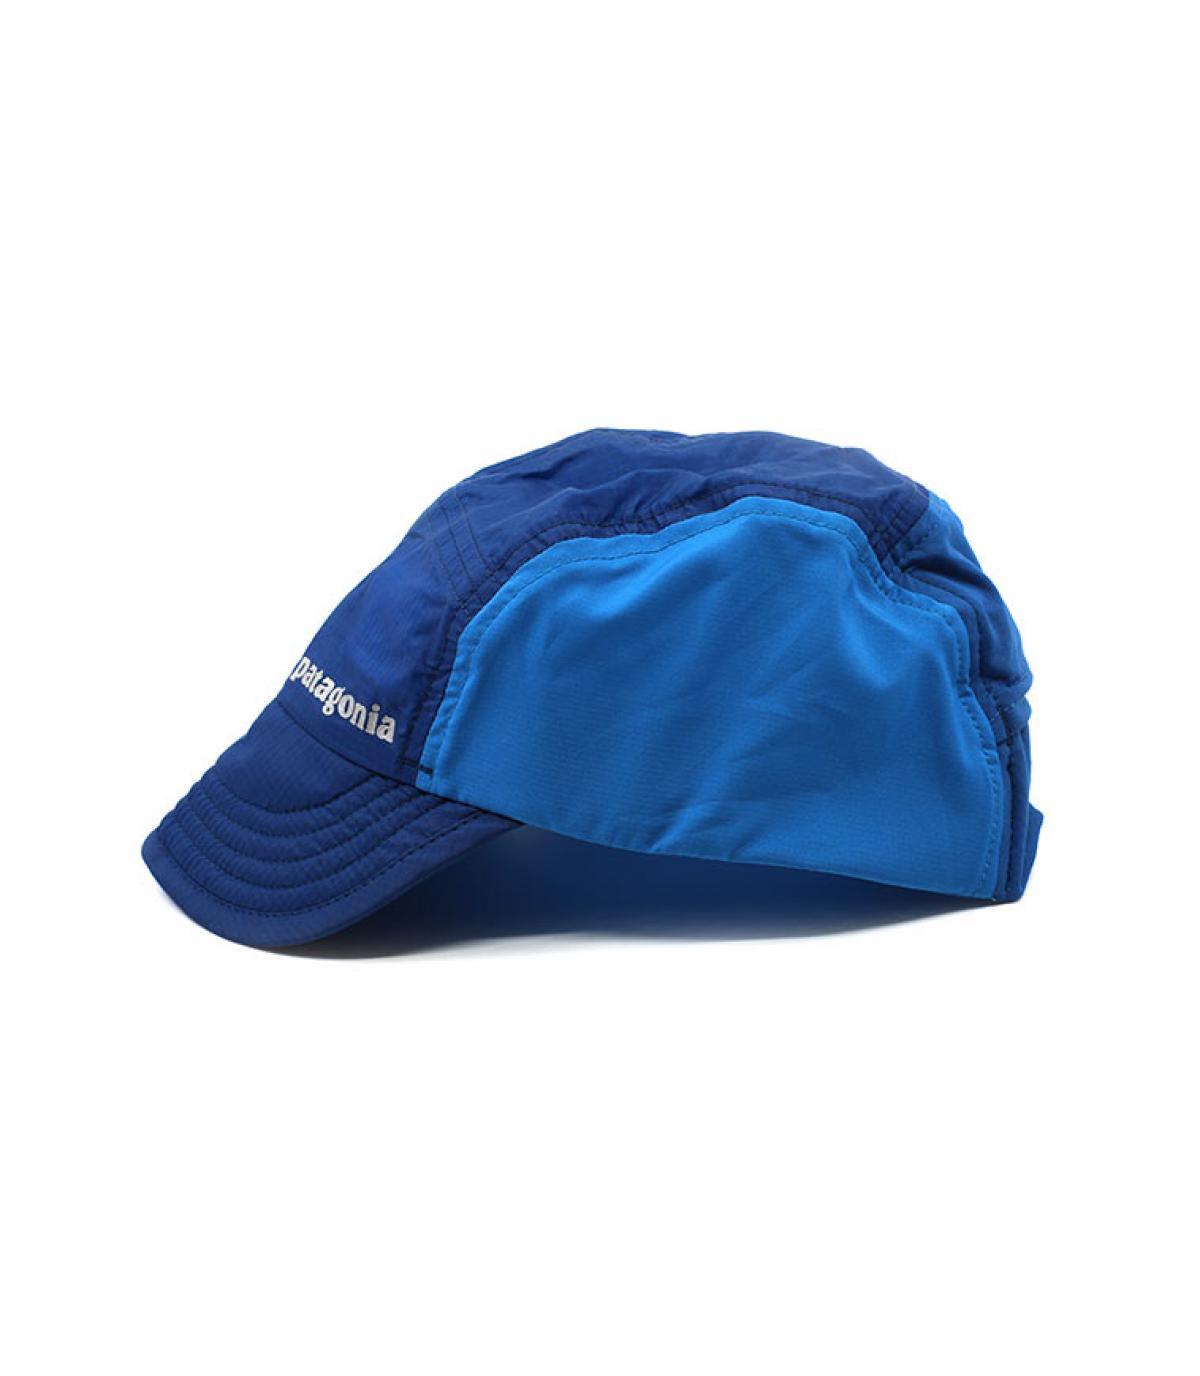 Dettagli Airdini Cap big sur blue - image 4